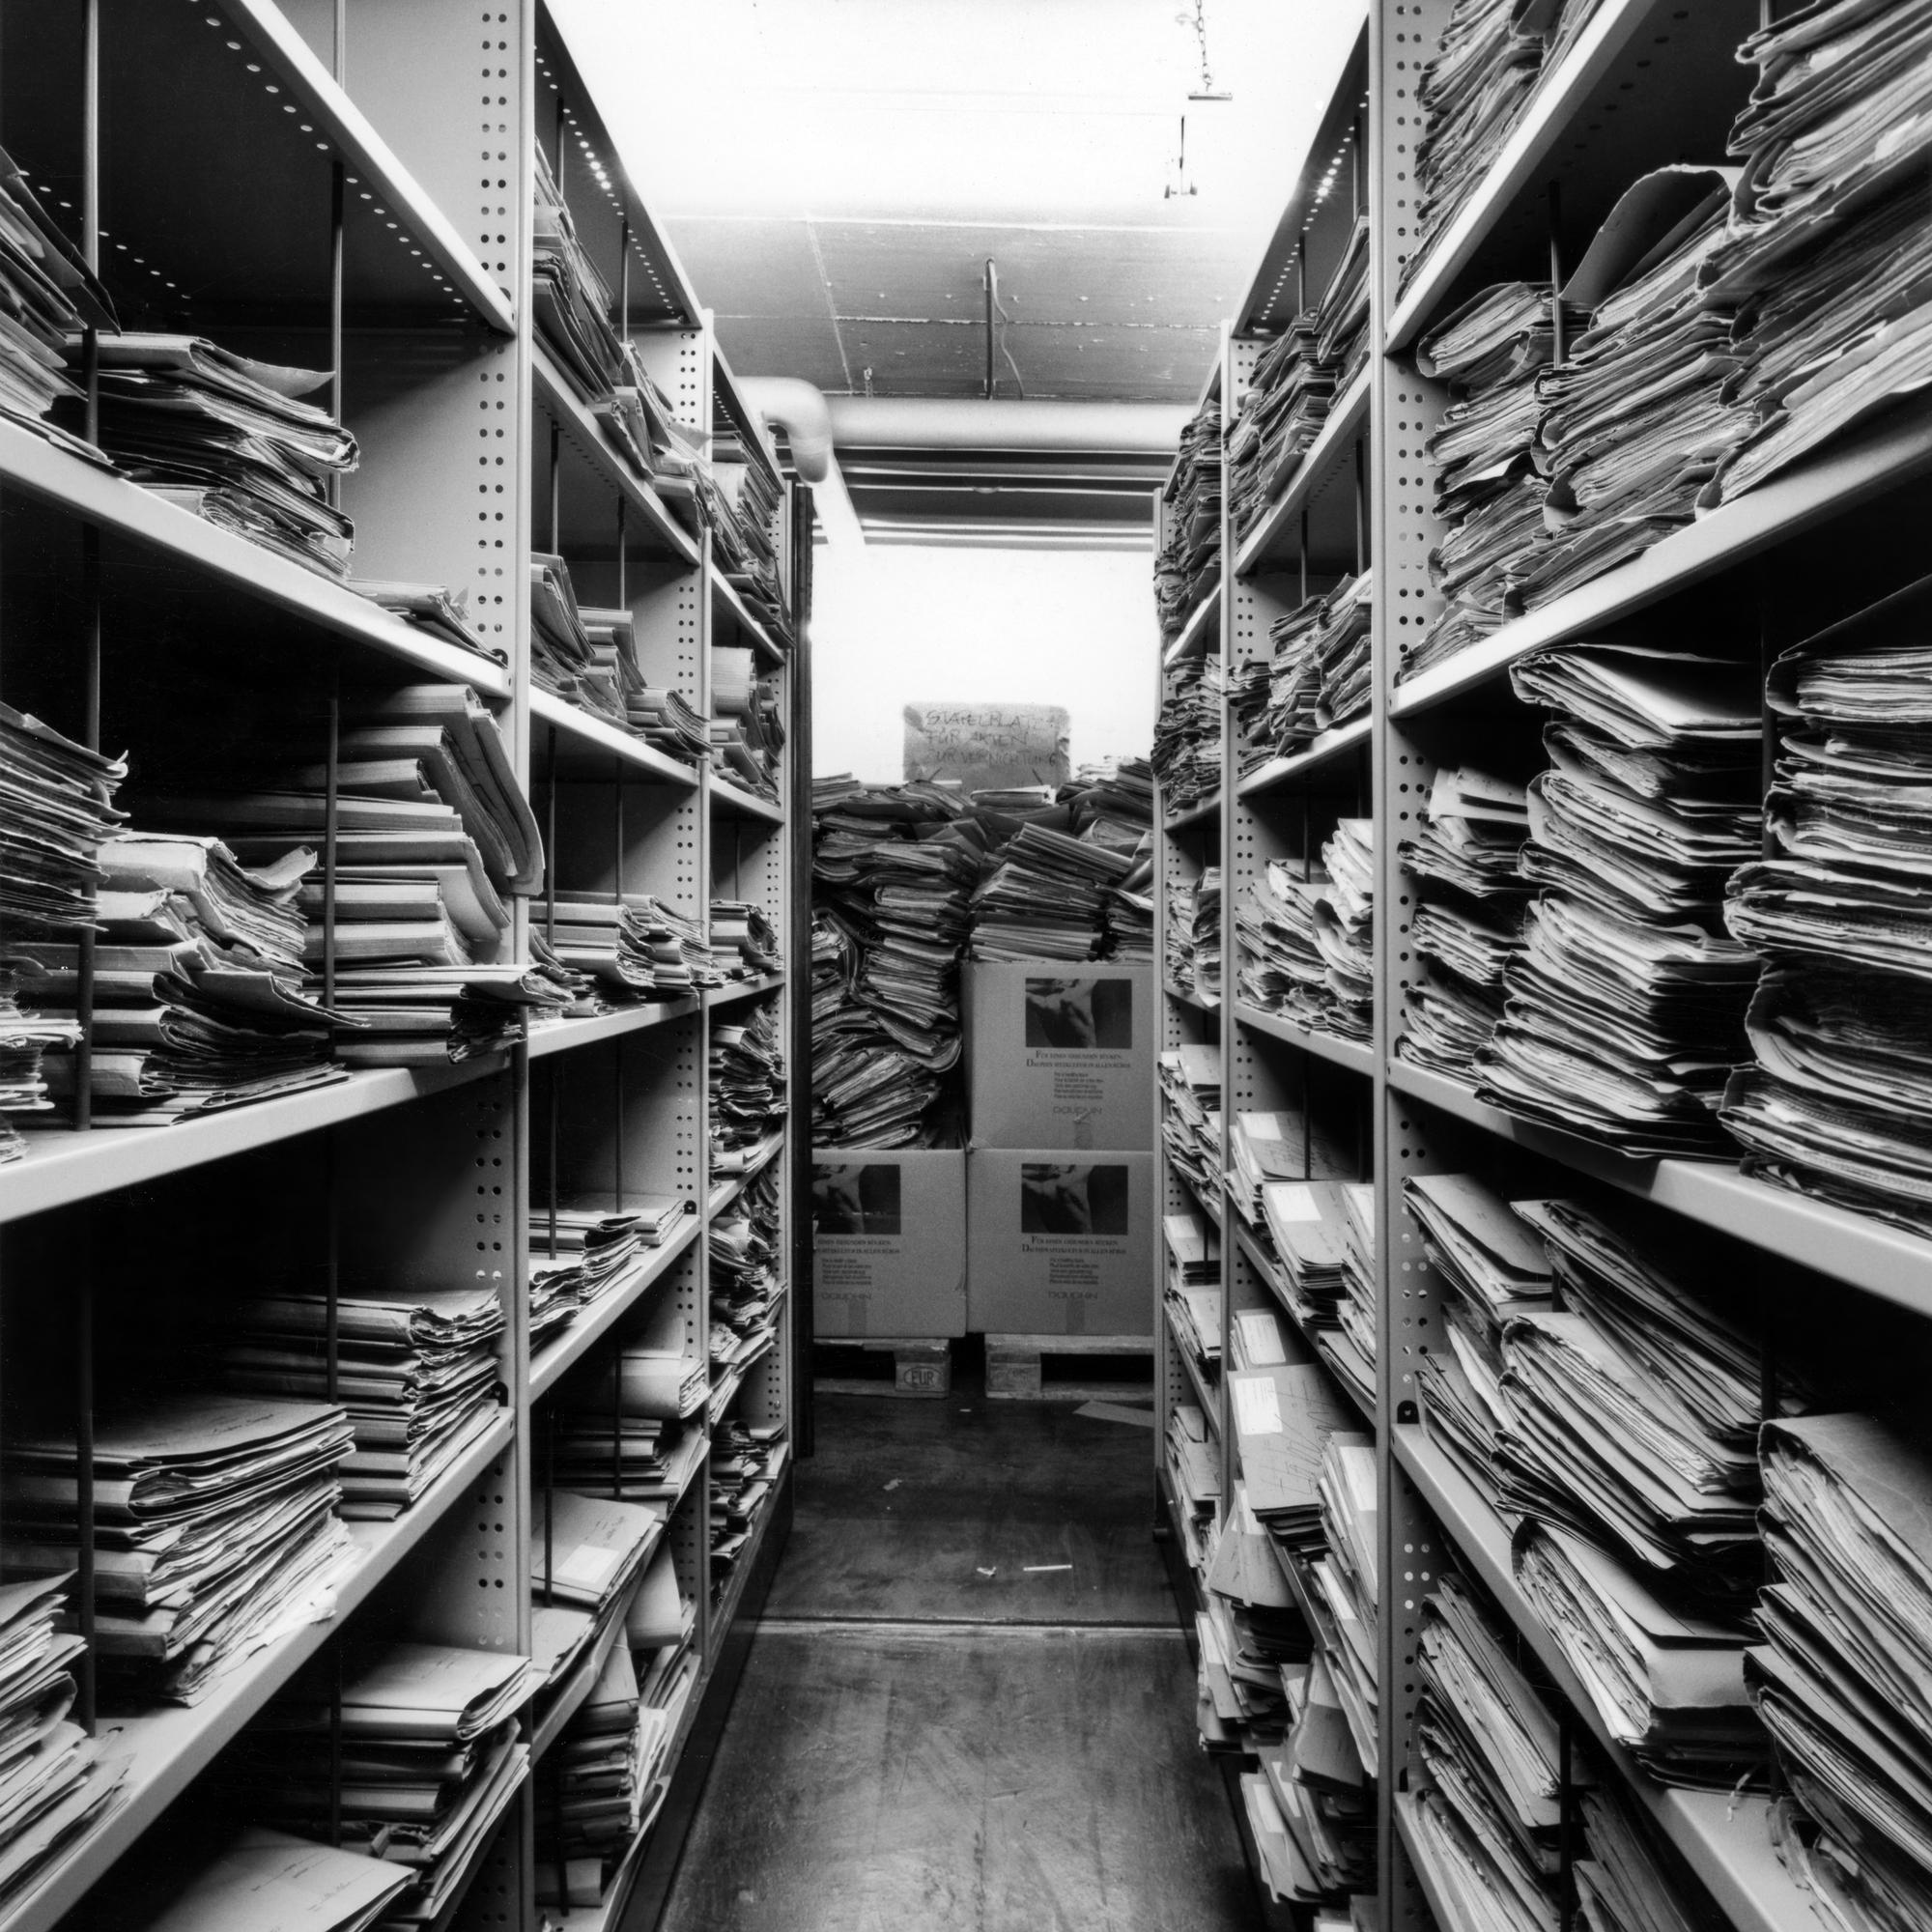 archive images usseekcom